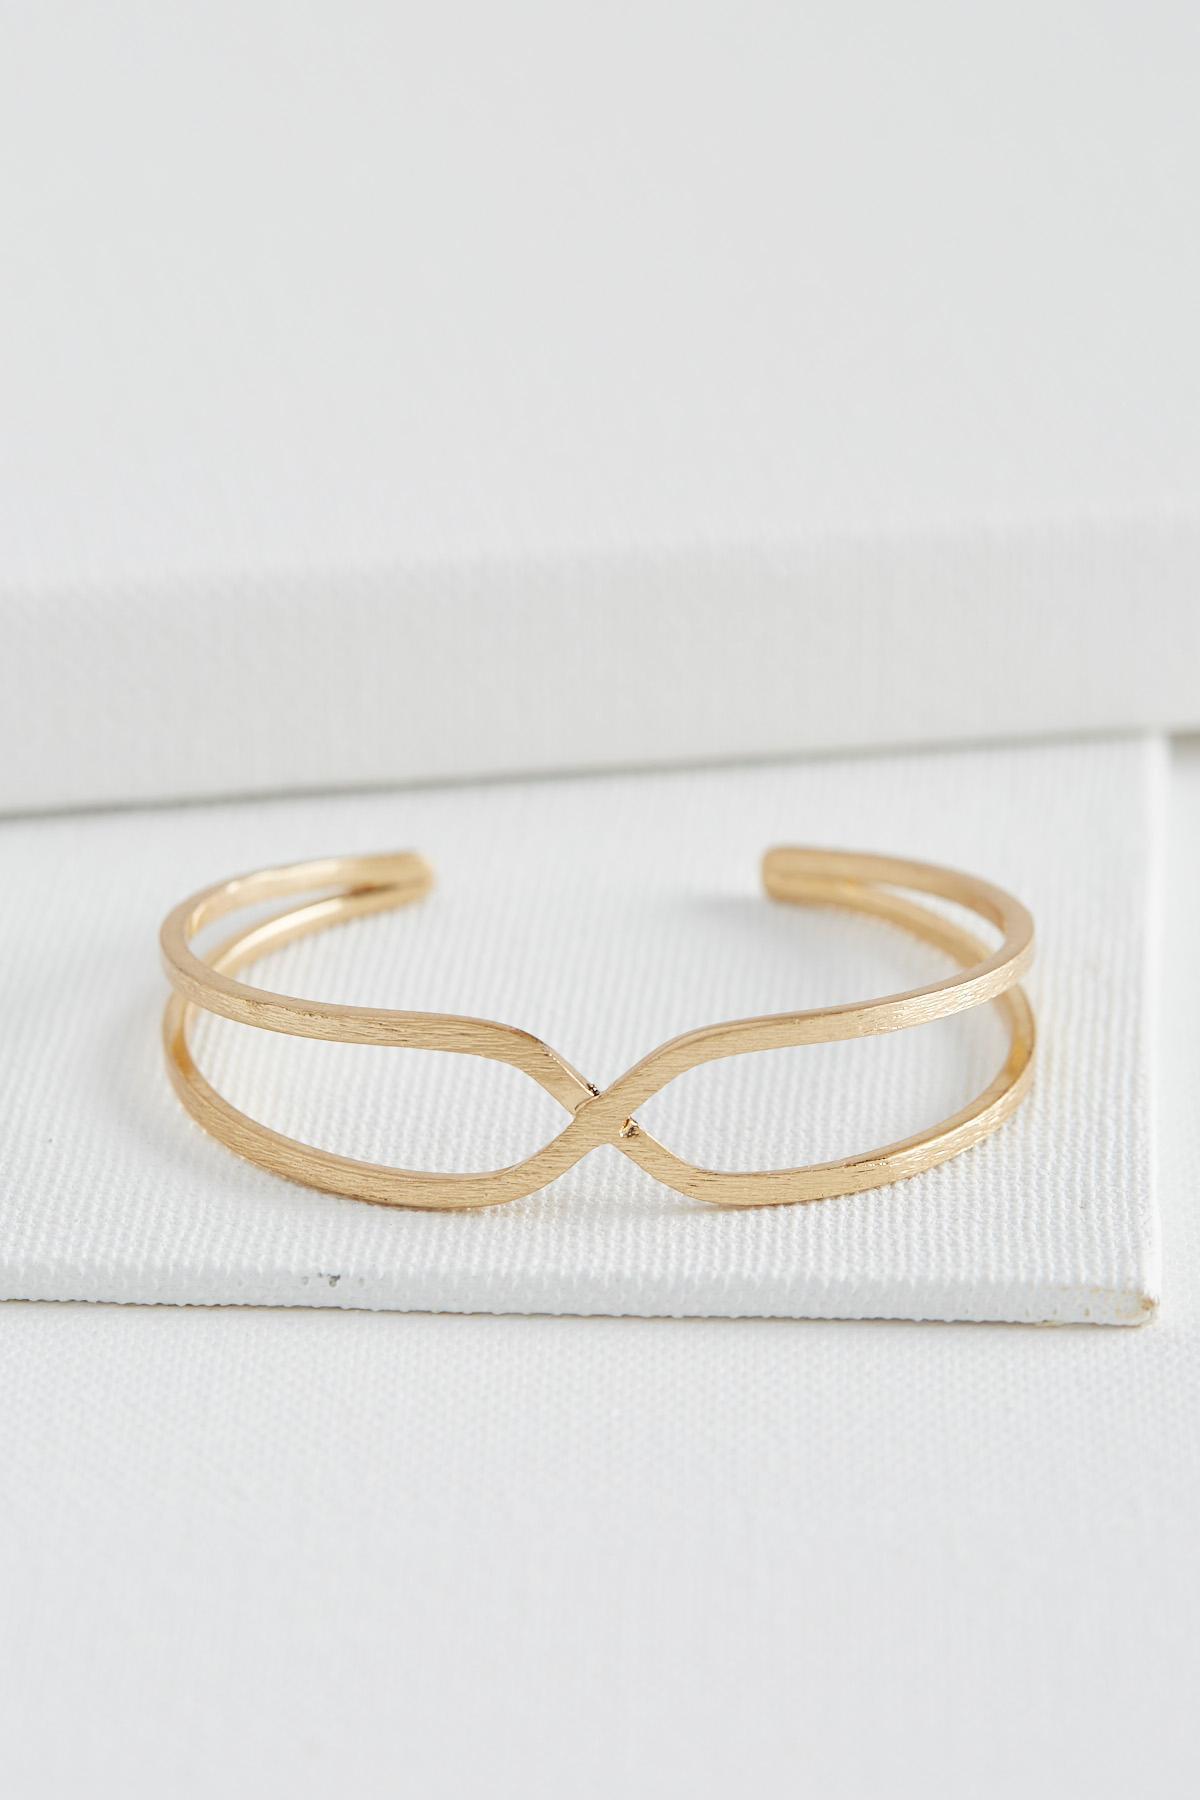 Criss Cross Center Cuff Bracelet